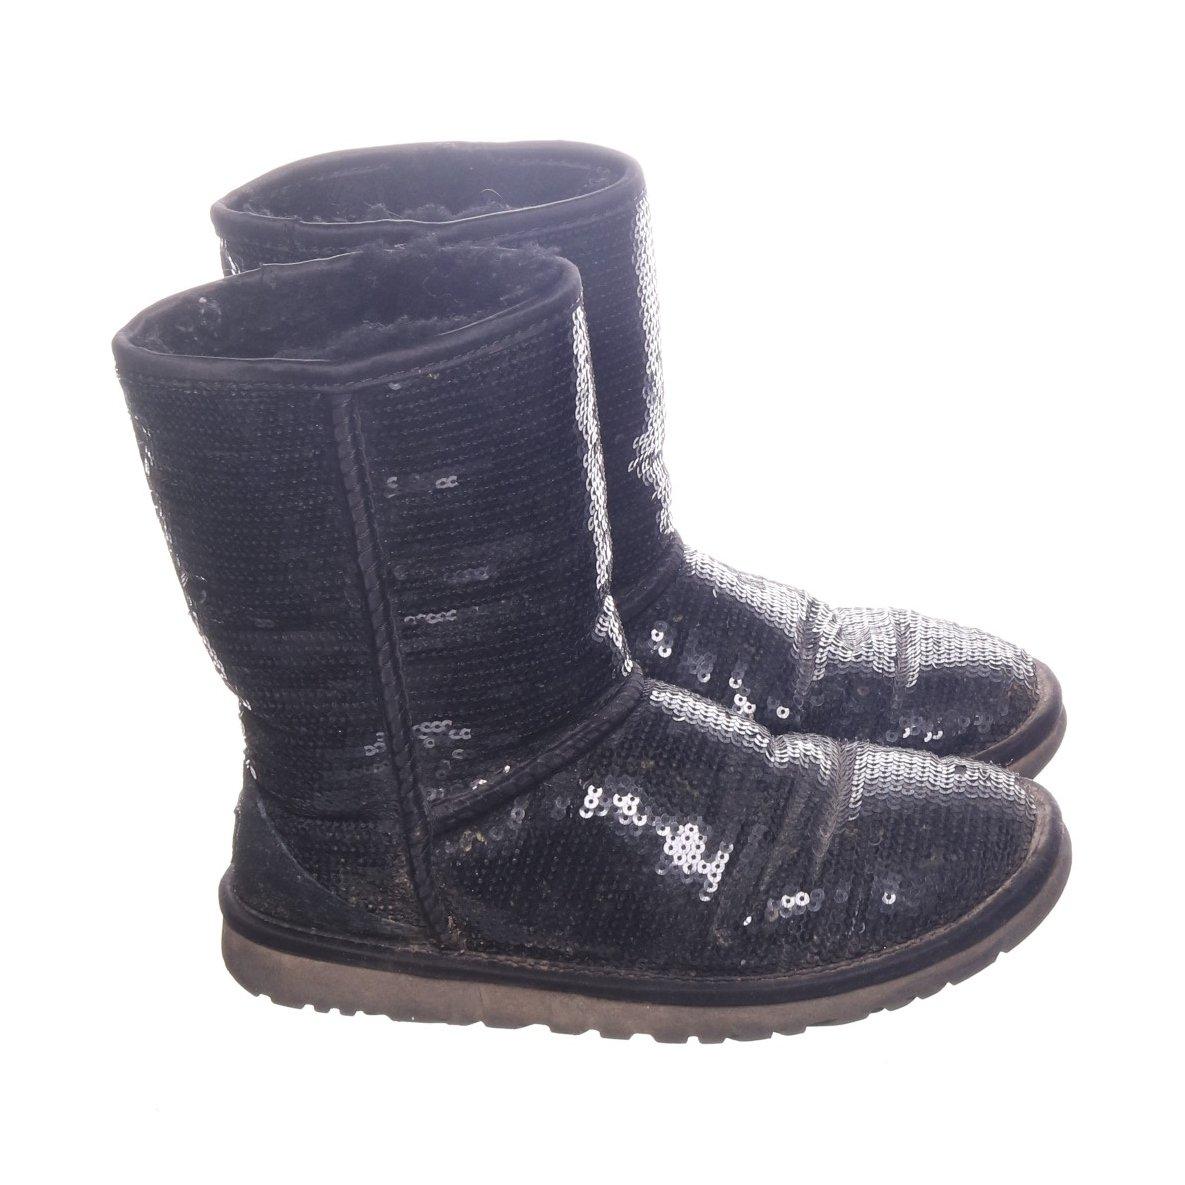 02f0d5d3281 UGG, Boots, Strl: 36, Classic Short Spark.. (354225974) ᐈ Sellpy på ...